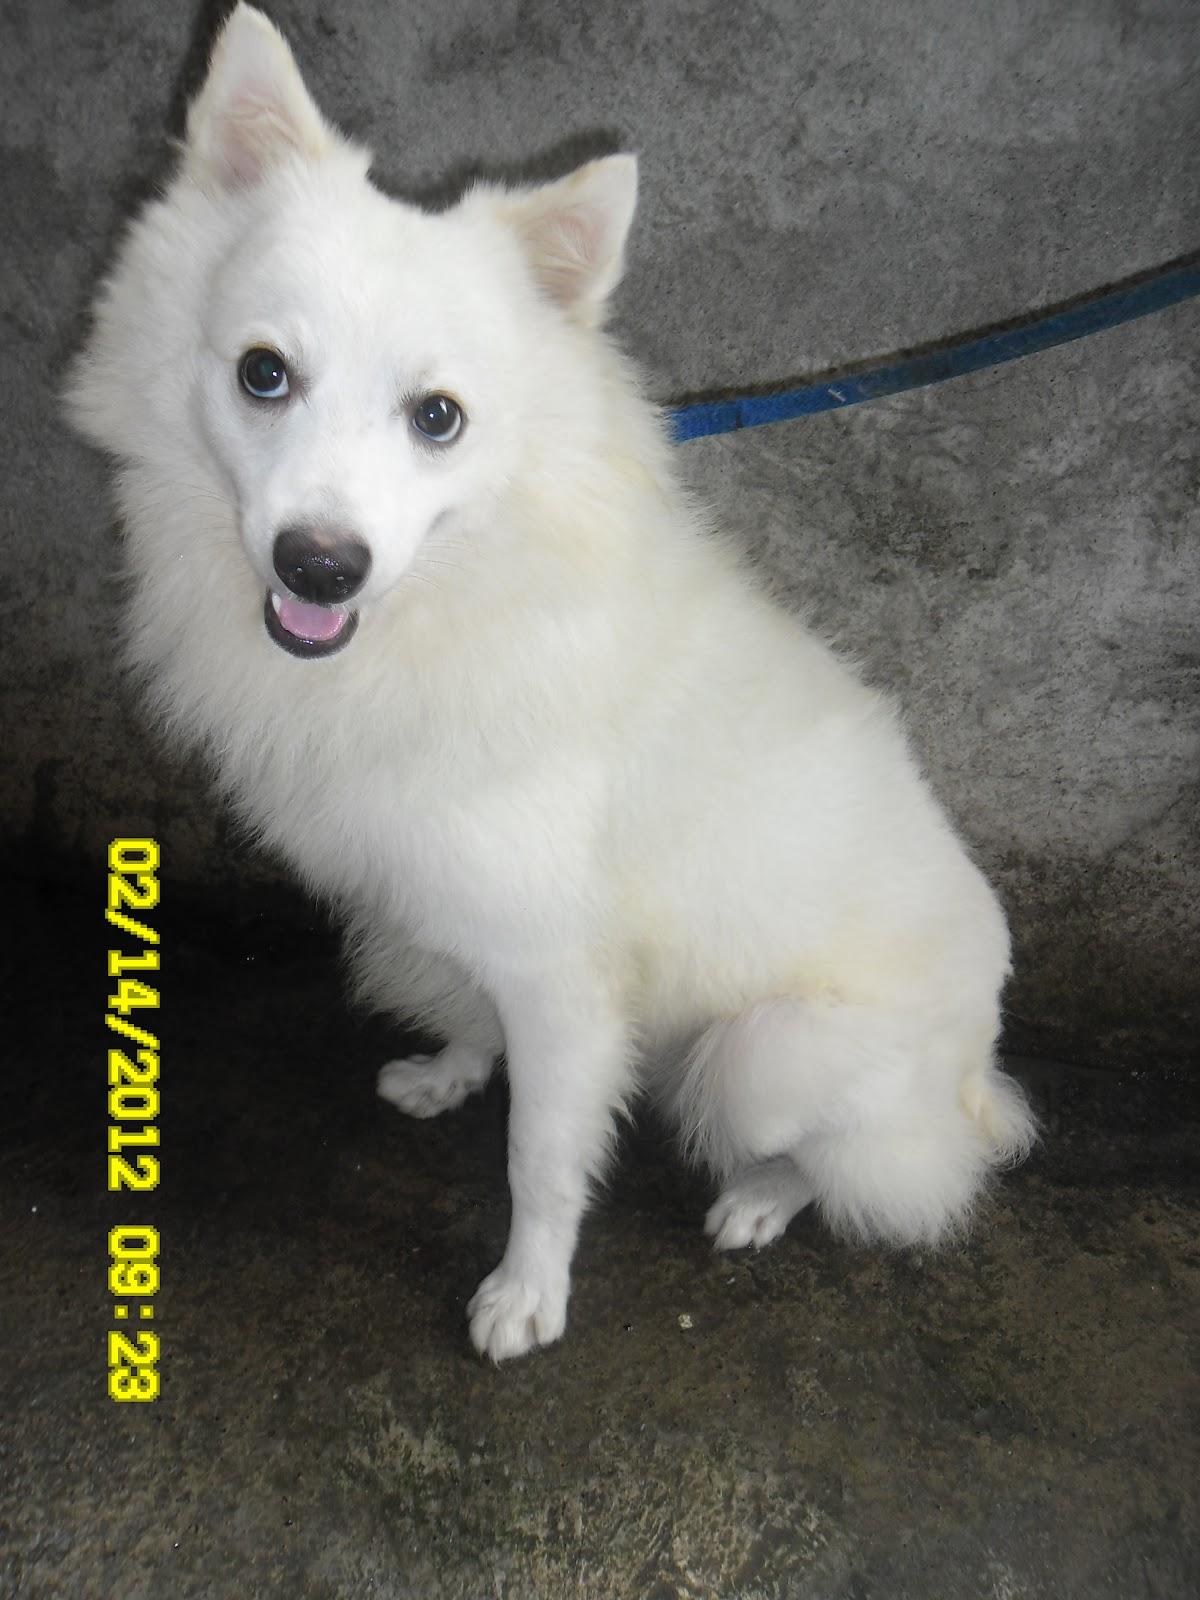 Jeni The Girl Next Door Ito Naman Si Jaycee Isang Chihuahua Dog